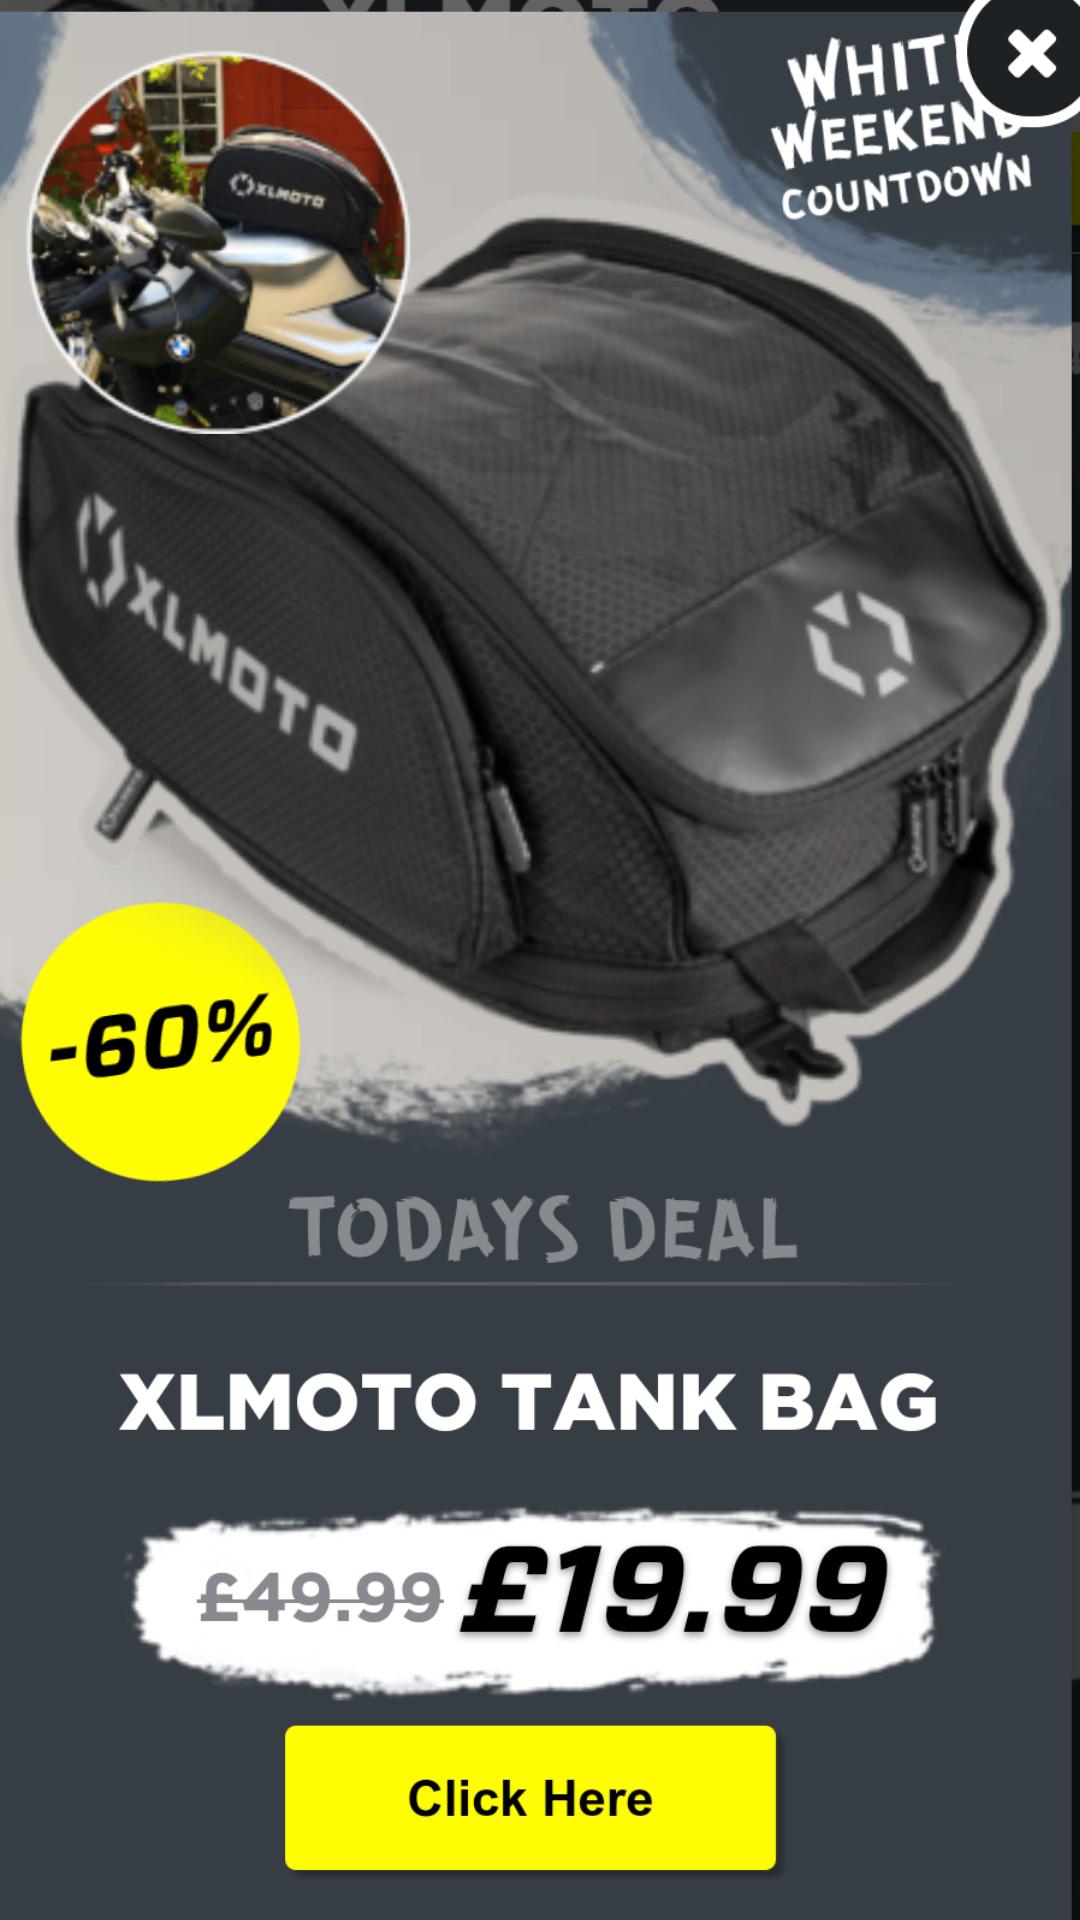 XLMOTO motorcycle tank bag £23.94 usually £49.99 @ XLMOTO